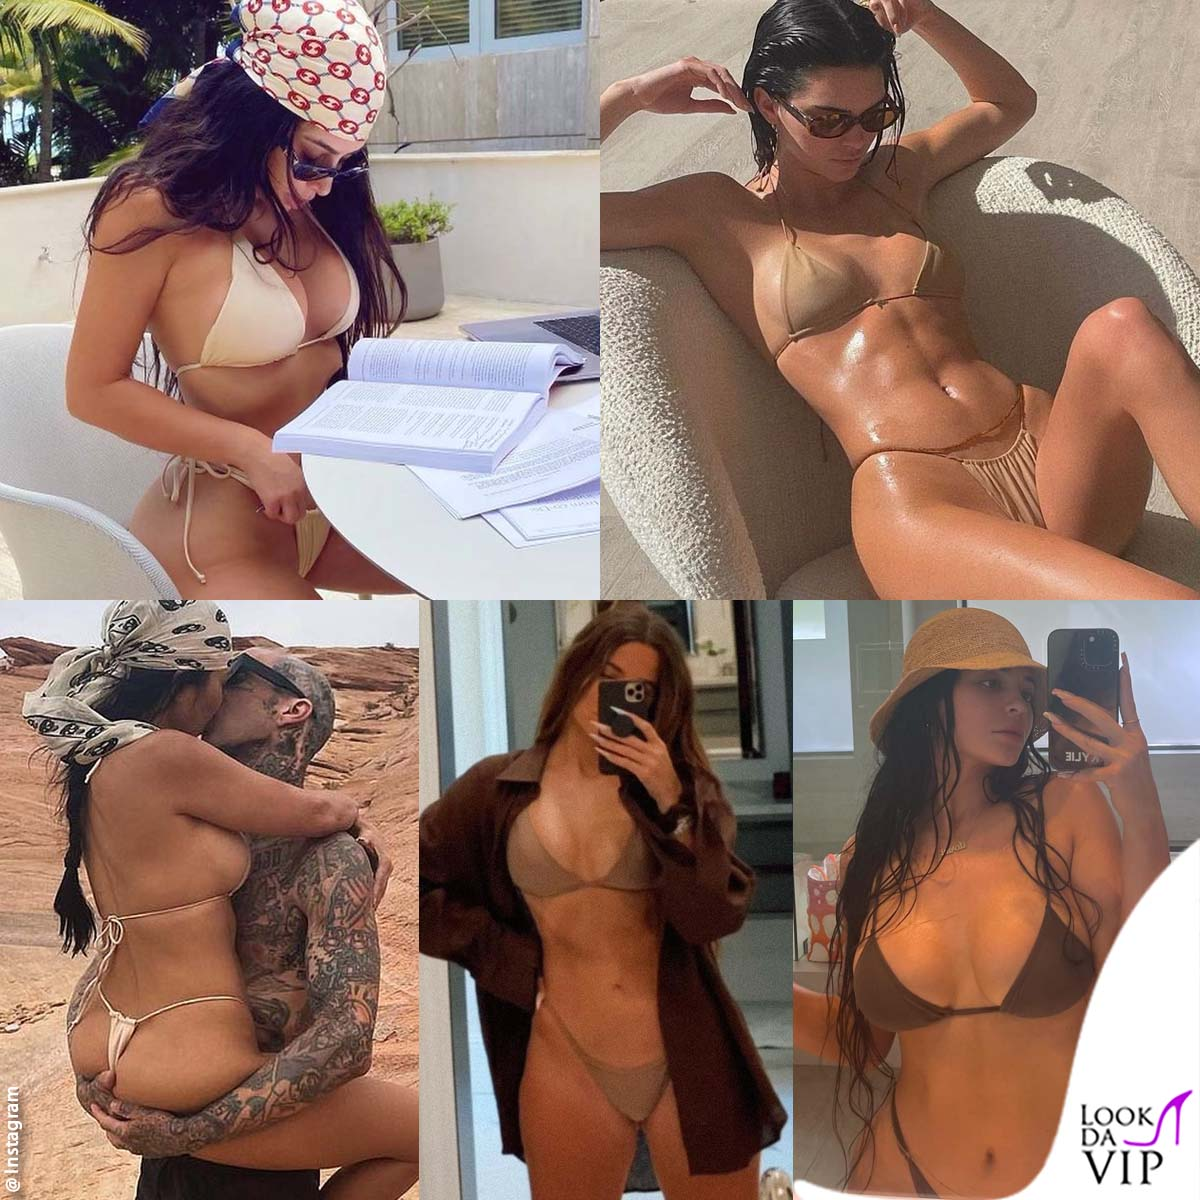 Primavera nei micro bikini color carne per le sorelle Kardashian